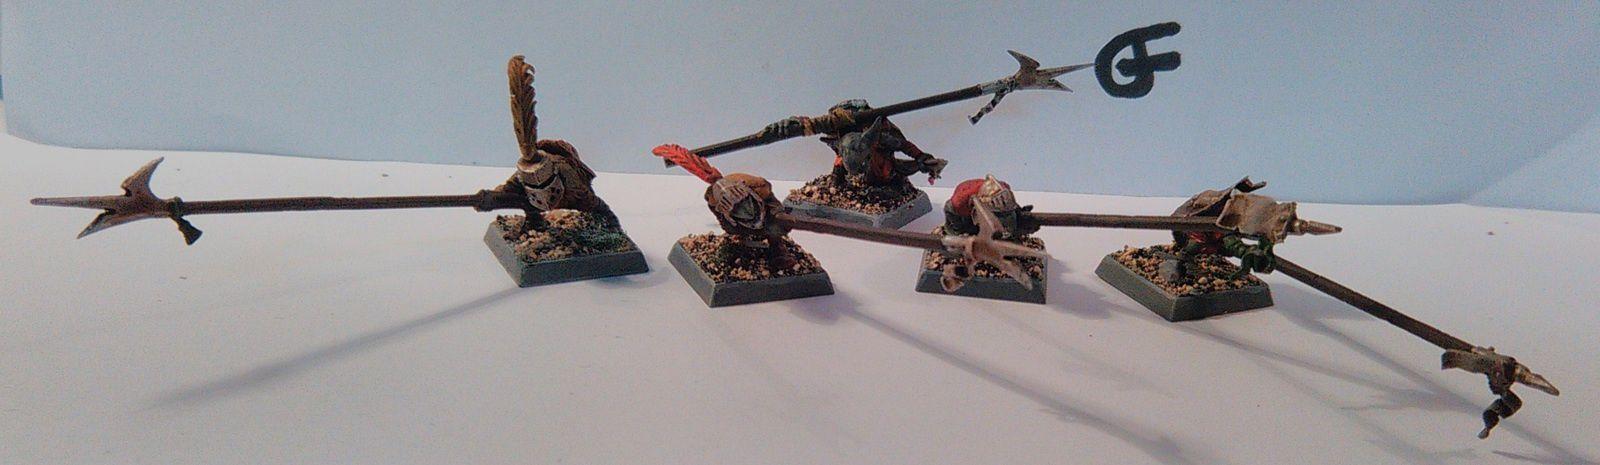 Dernière unité de guerriers en date, avec quelques conversions plus lourdes. Avec un récap' de mes petits portes étendards. Ils sont... Respectables.